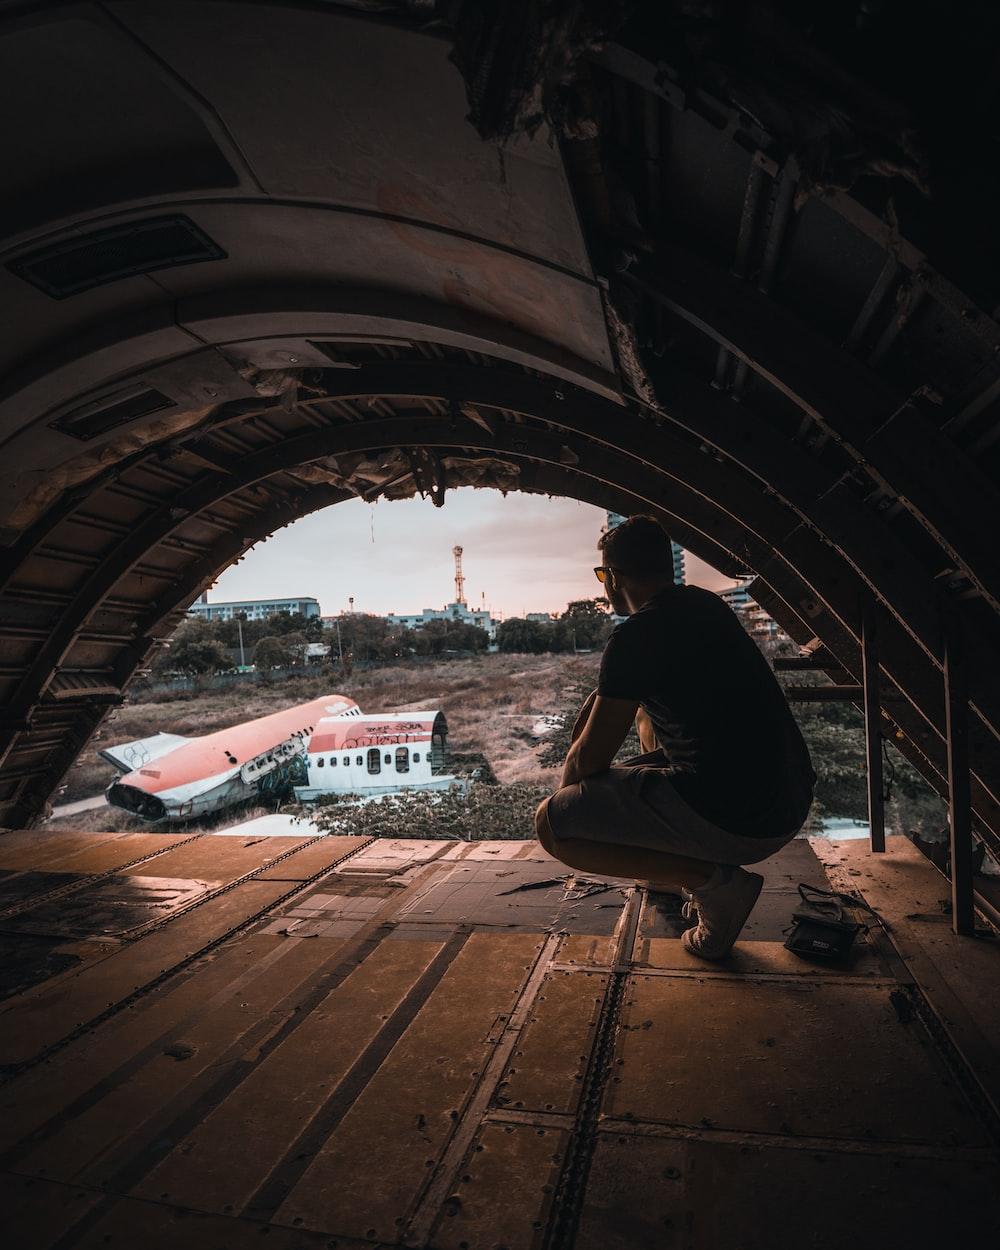 man under arch tunnel